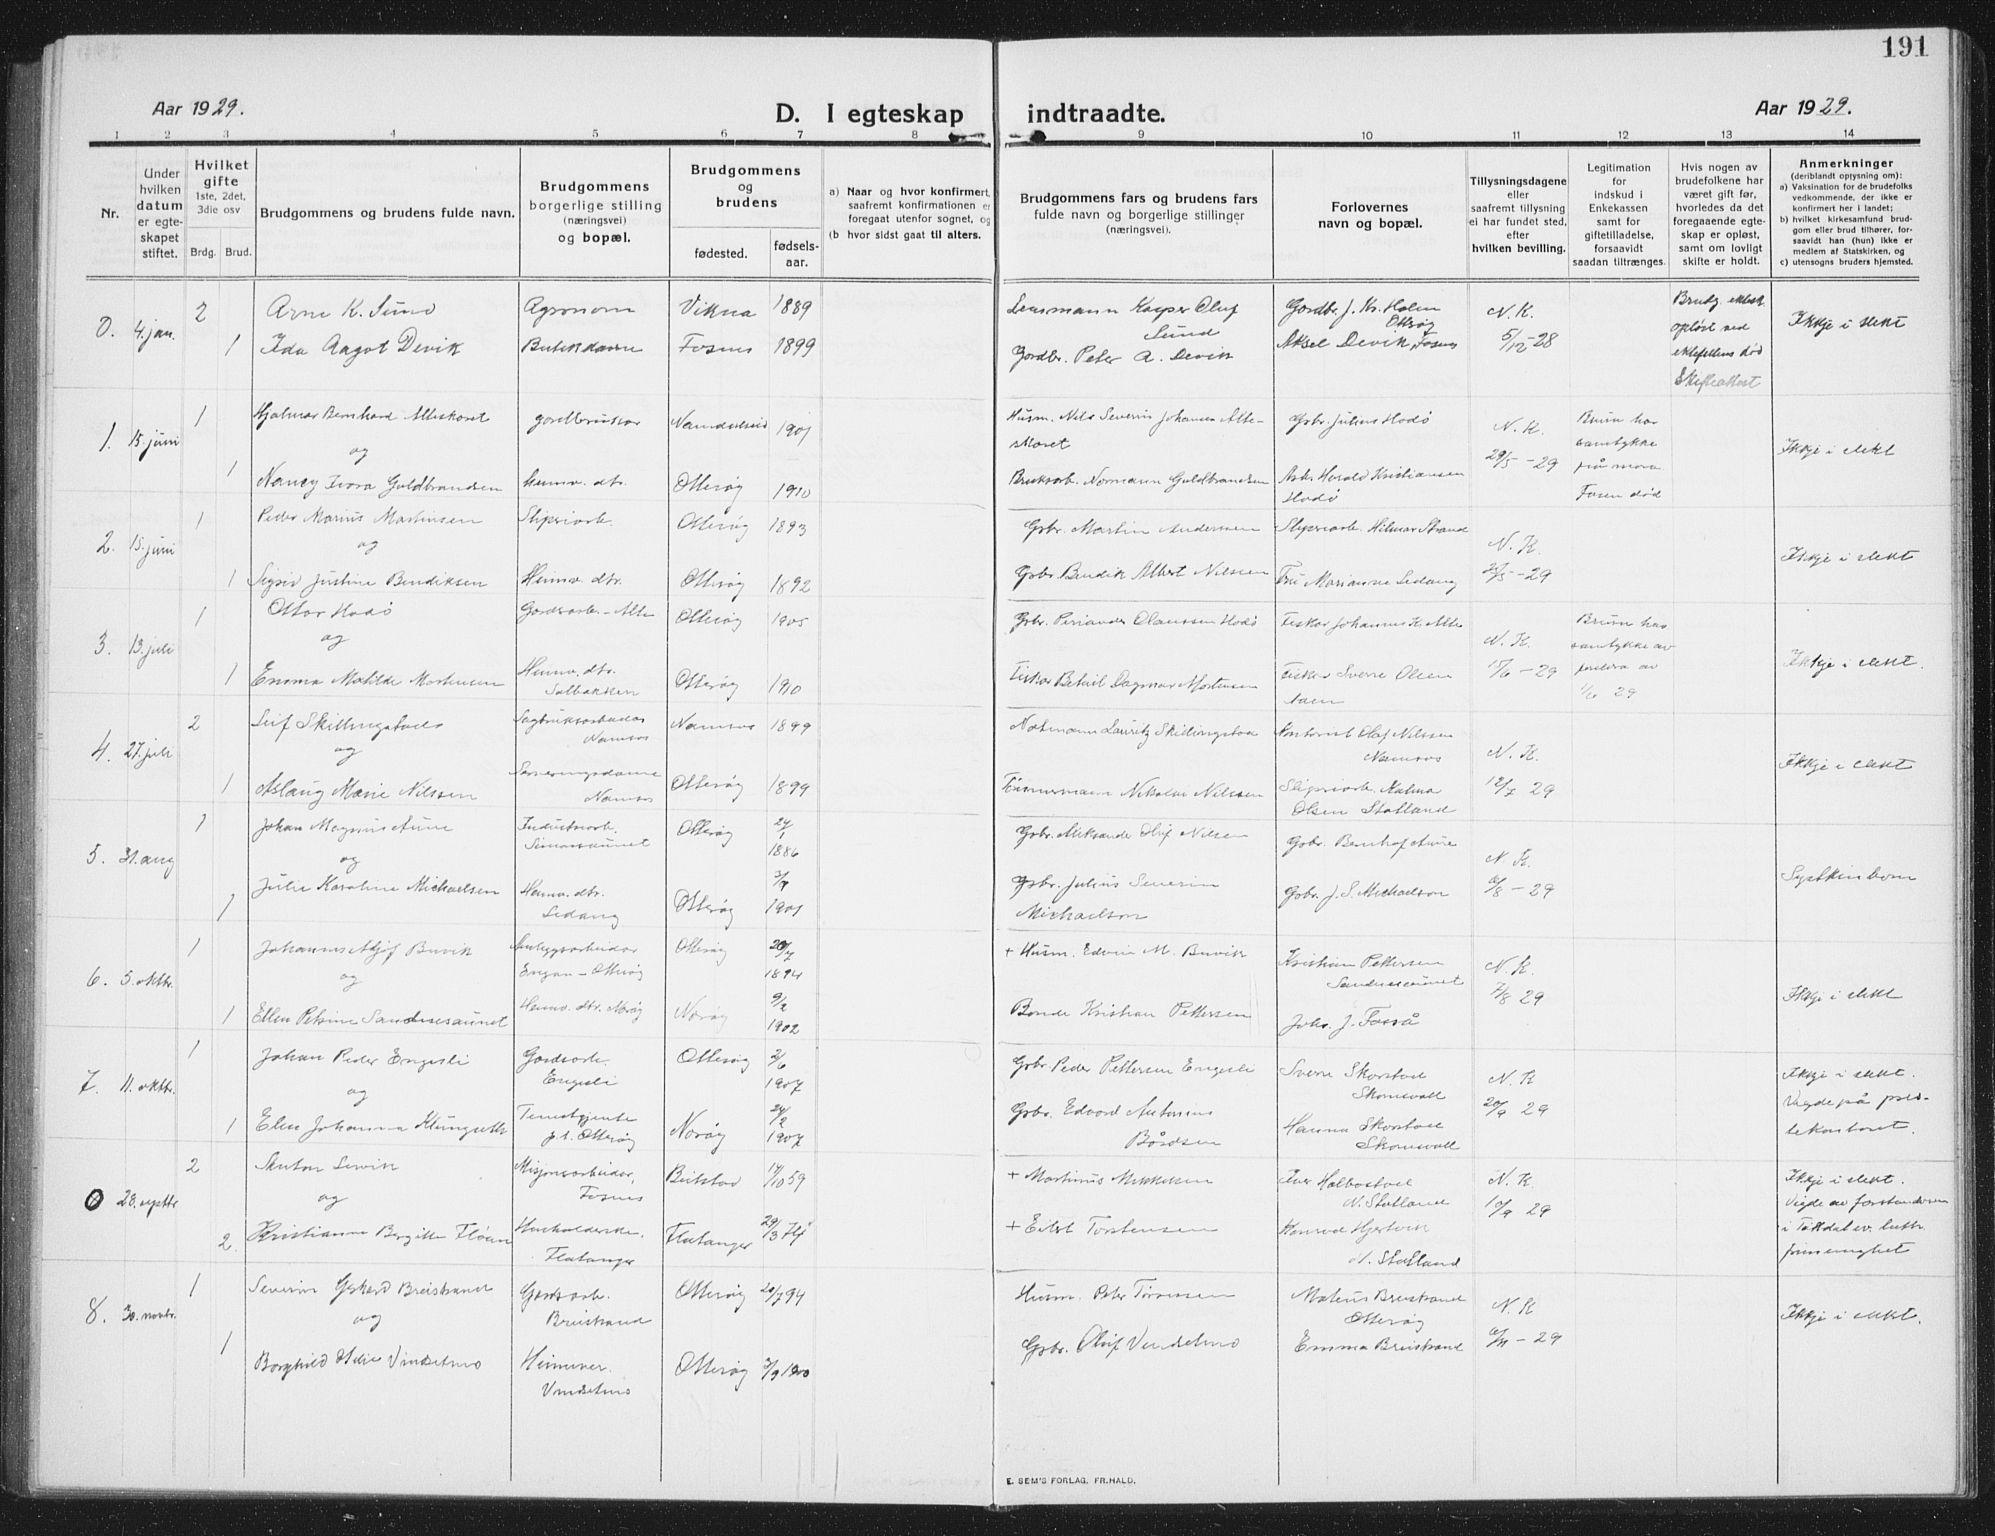 SAT, Ministerialprotokoller, klokkerbøker og fødselsregistre - Nord-Trøndelag, 774/L0630: Klokkerbok nr. 774C01, 1910-1934, s. 191